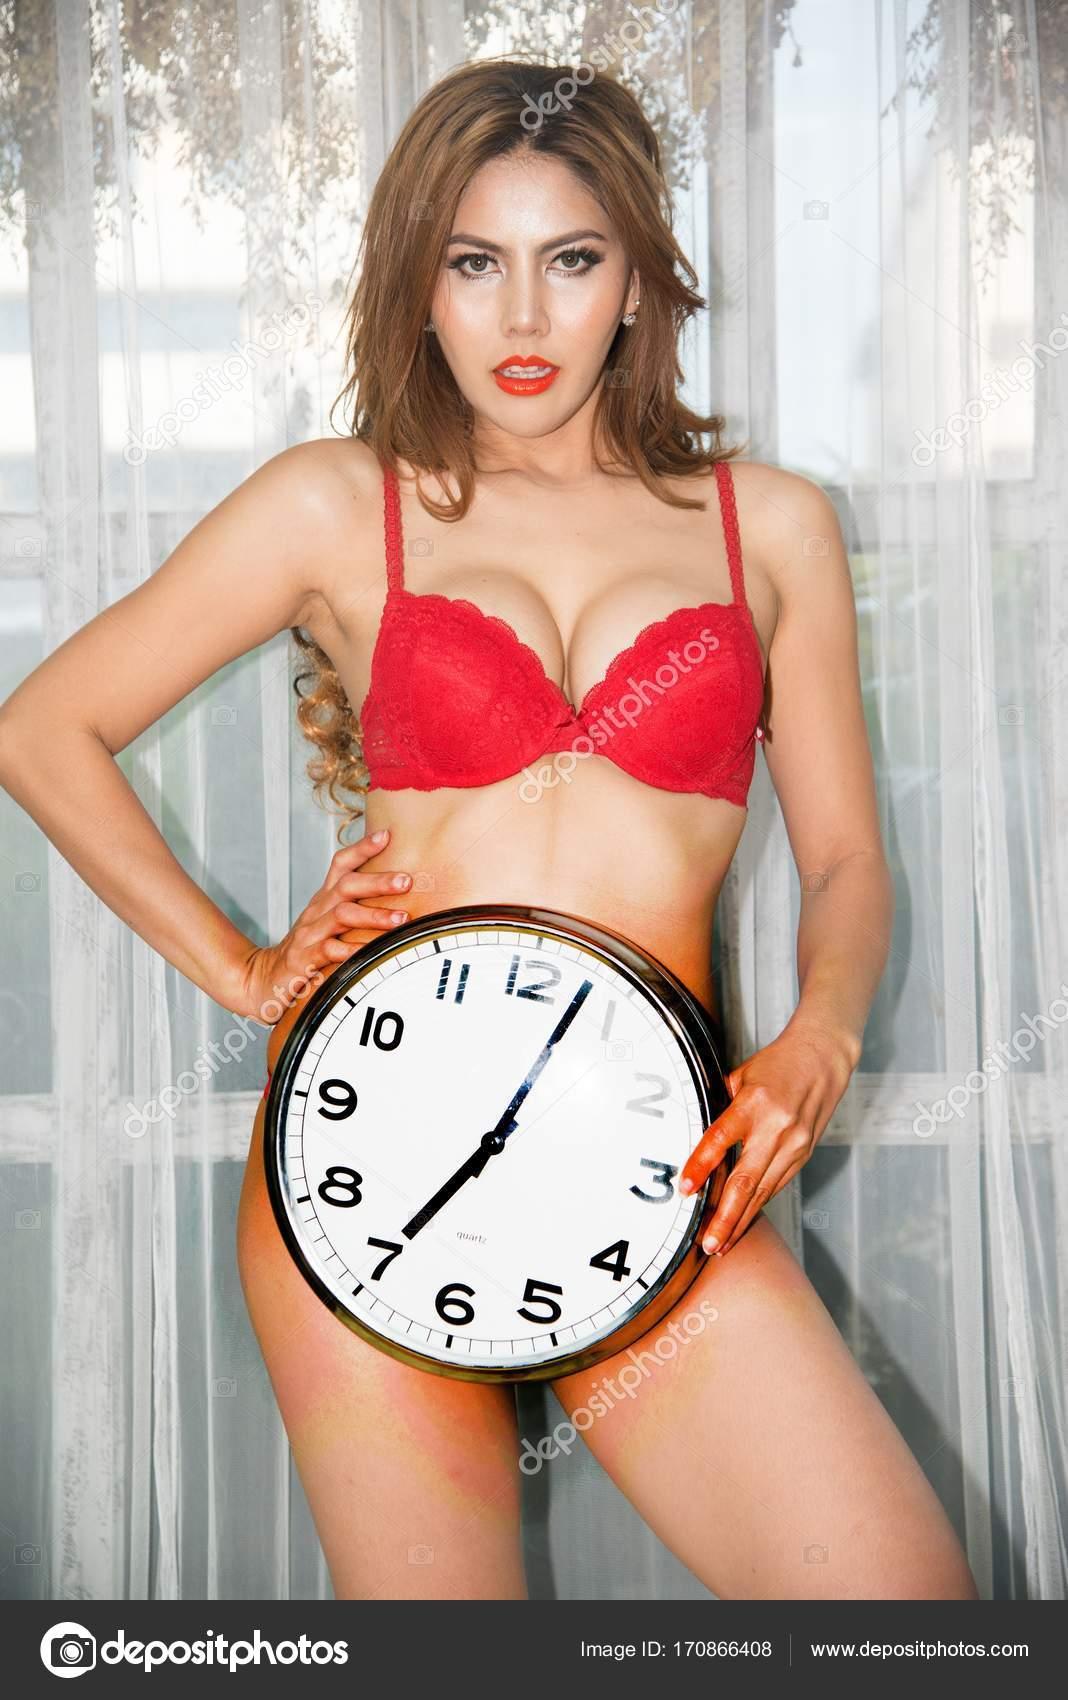 9dcdc2e4a Retrato de mulher bonita asiática em biquíni vermelho sexy posando  segurando um relógio — Fotografia de